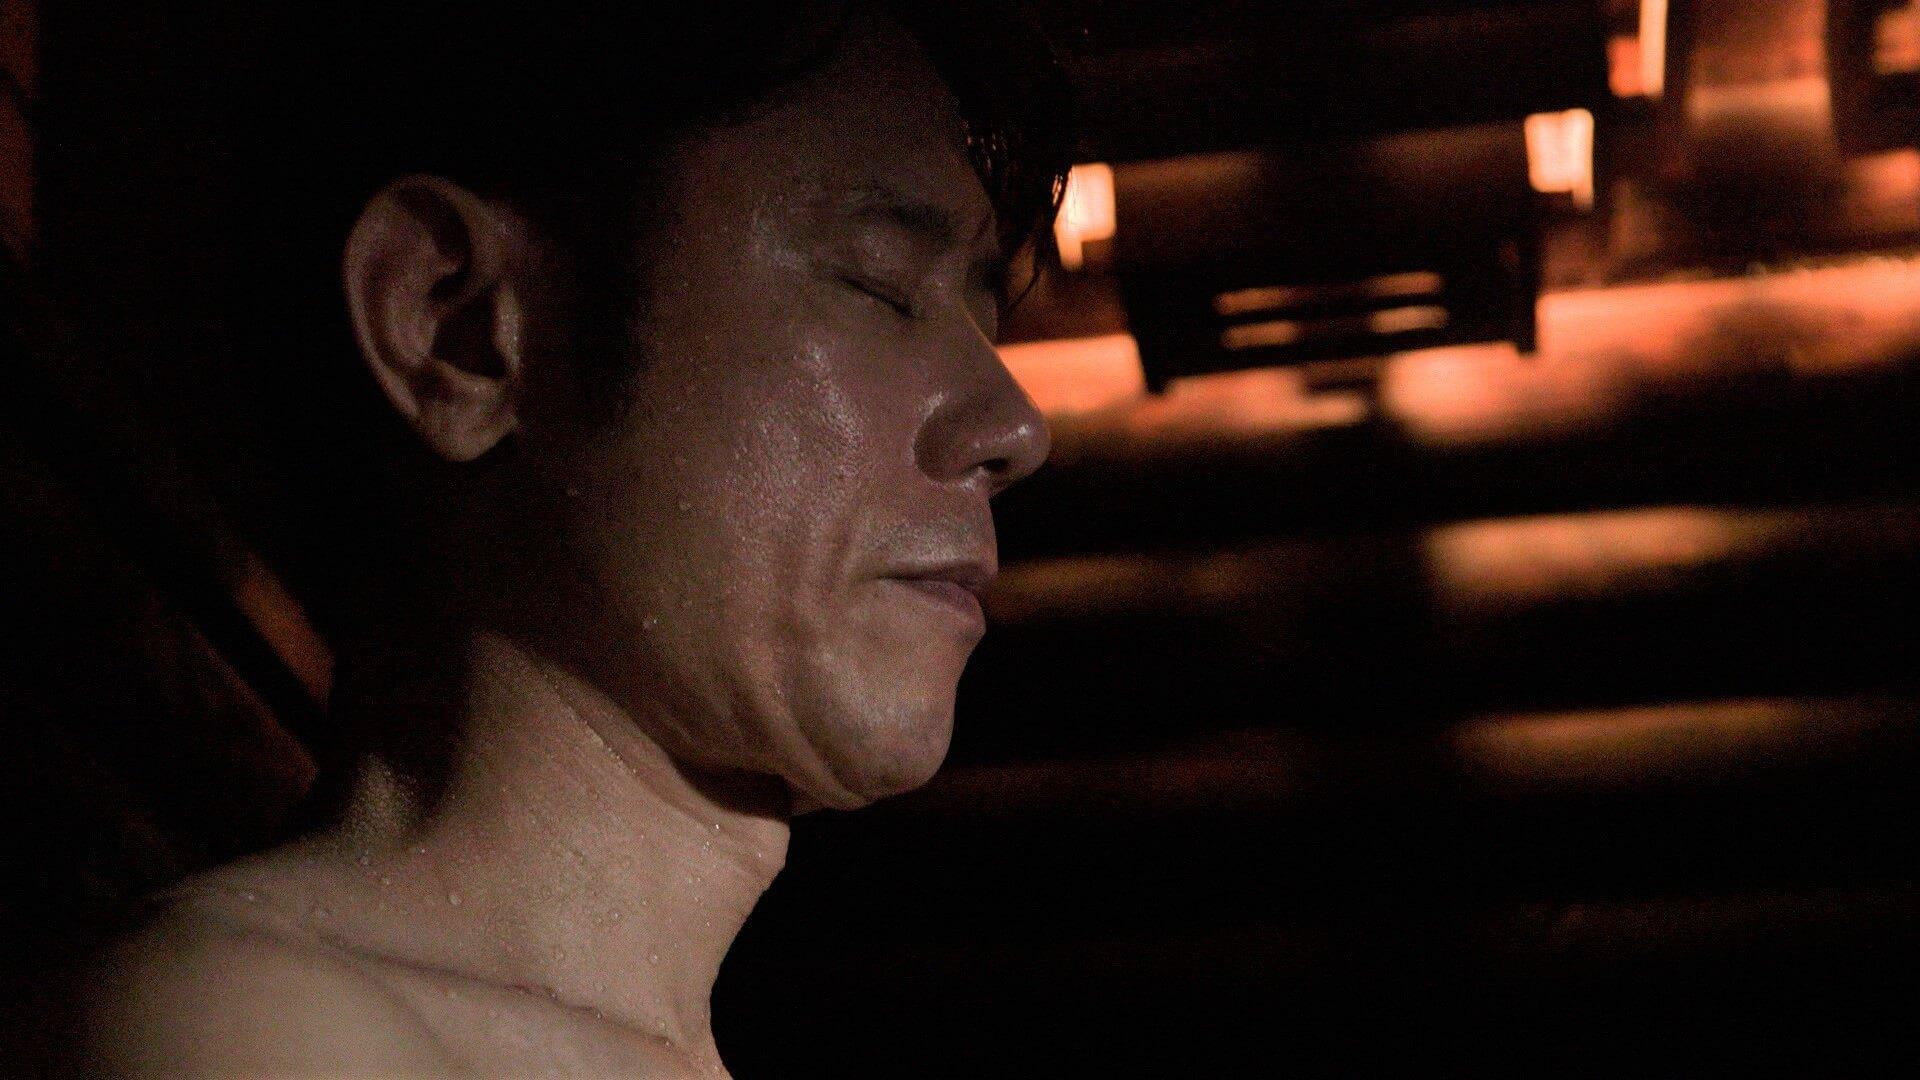 """ドラマ『サ道2021』のエンディングテーマにTempalay新曲""""あびばのんのん""""を起用!ポスタービジュアルも解禁 music210621_tempalay_sado_2"""